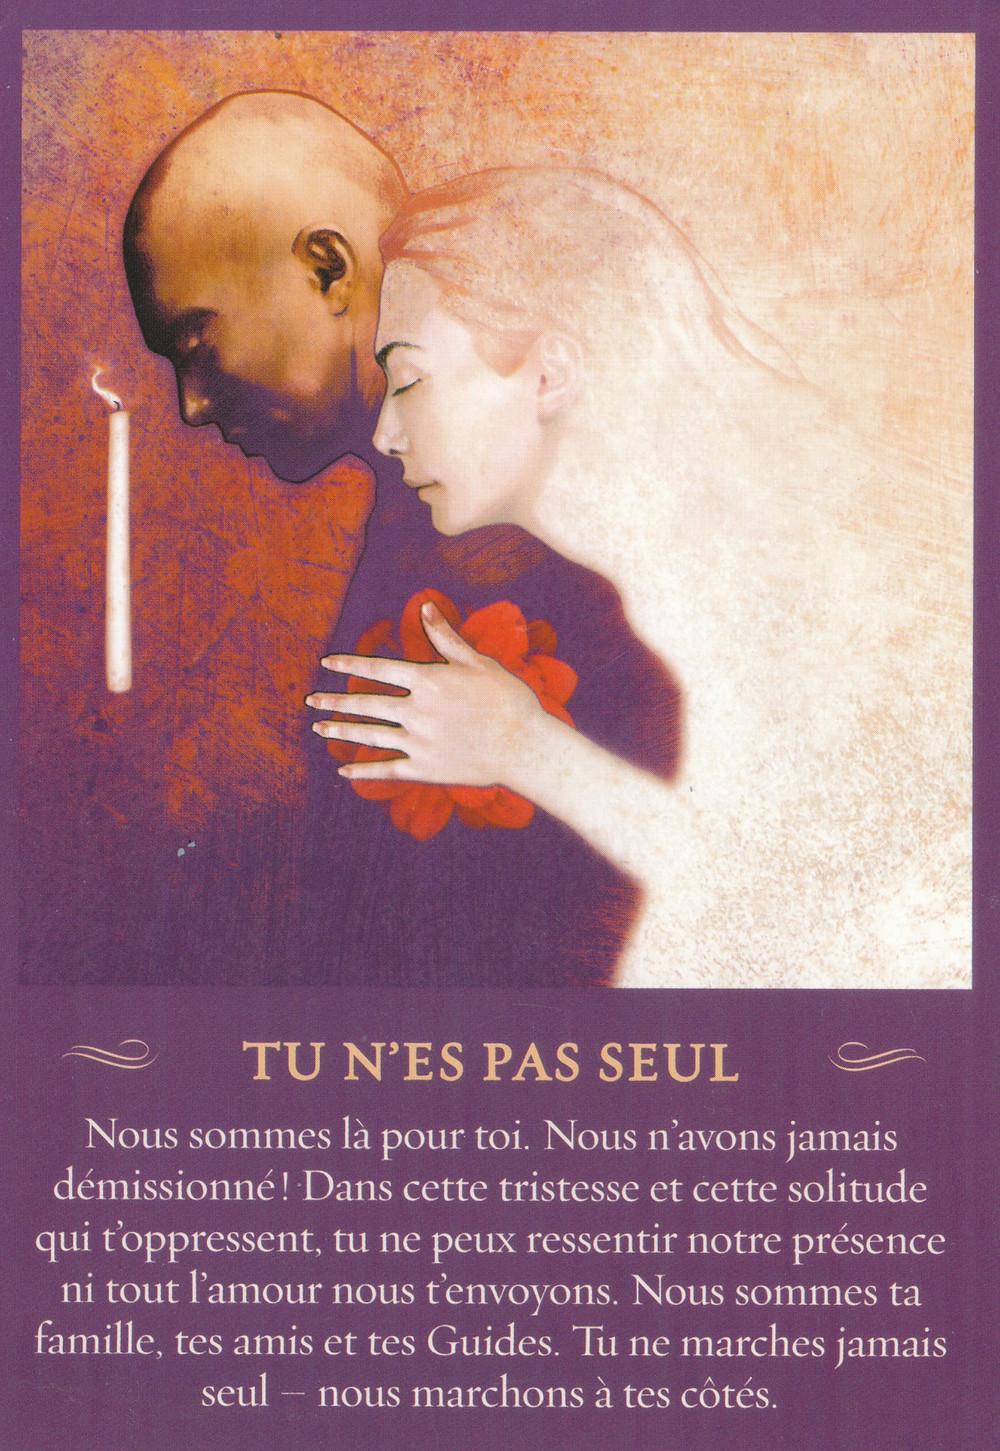 Carte de Messages de l'Esprit de John Holland - Tu n'es pas seul - Energies semaine du 3 au 9 février : Épuration de karma... on respire !